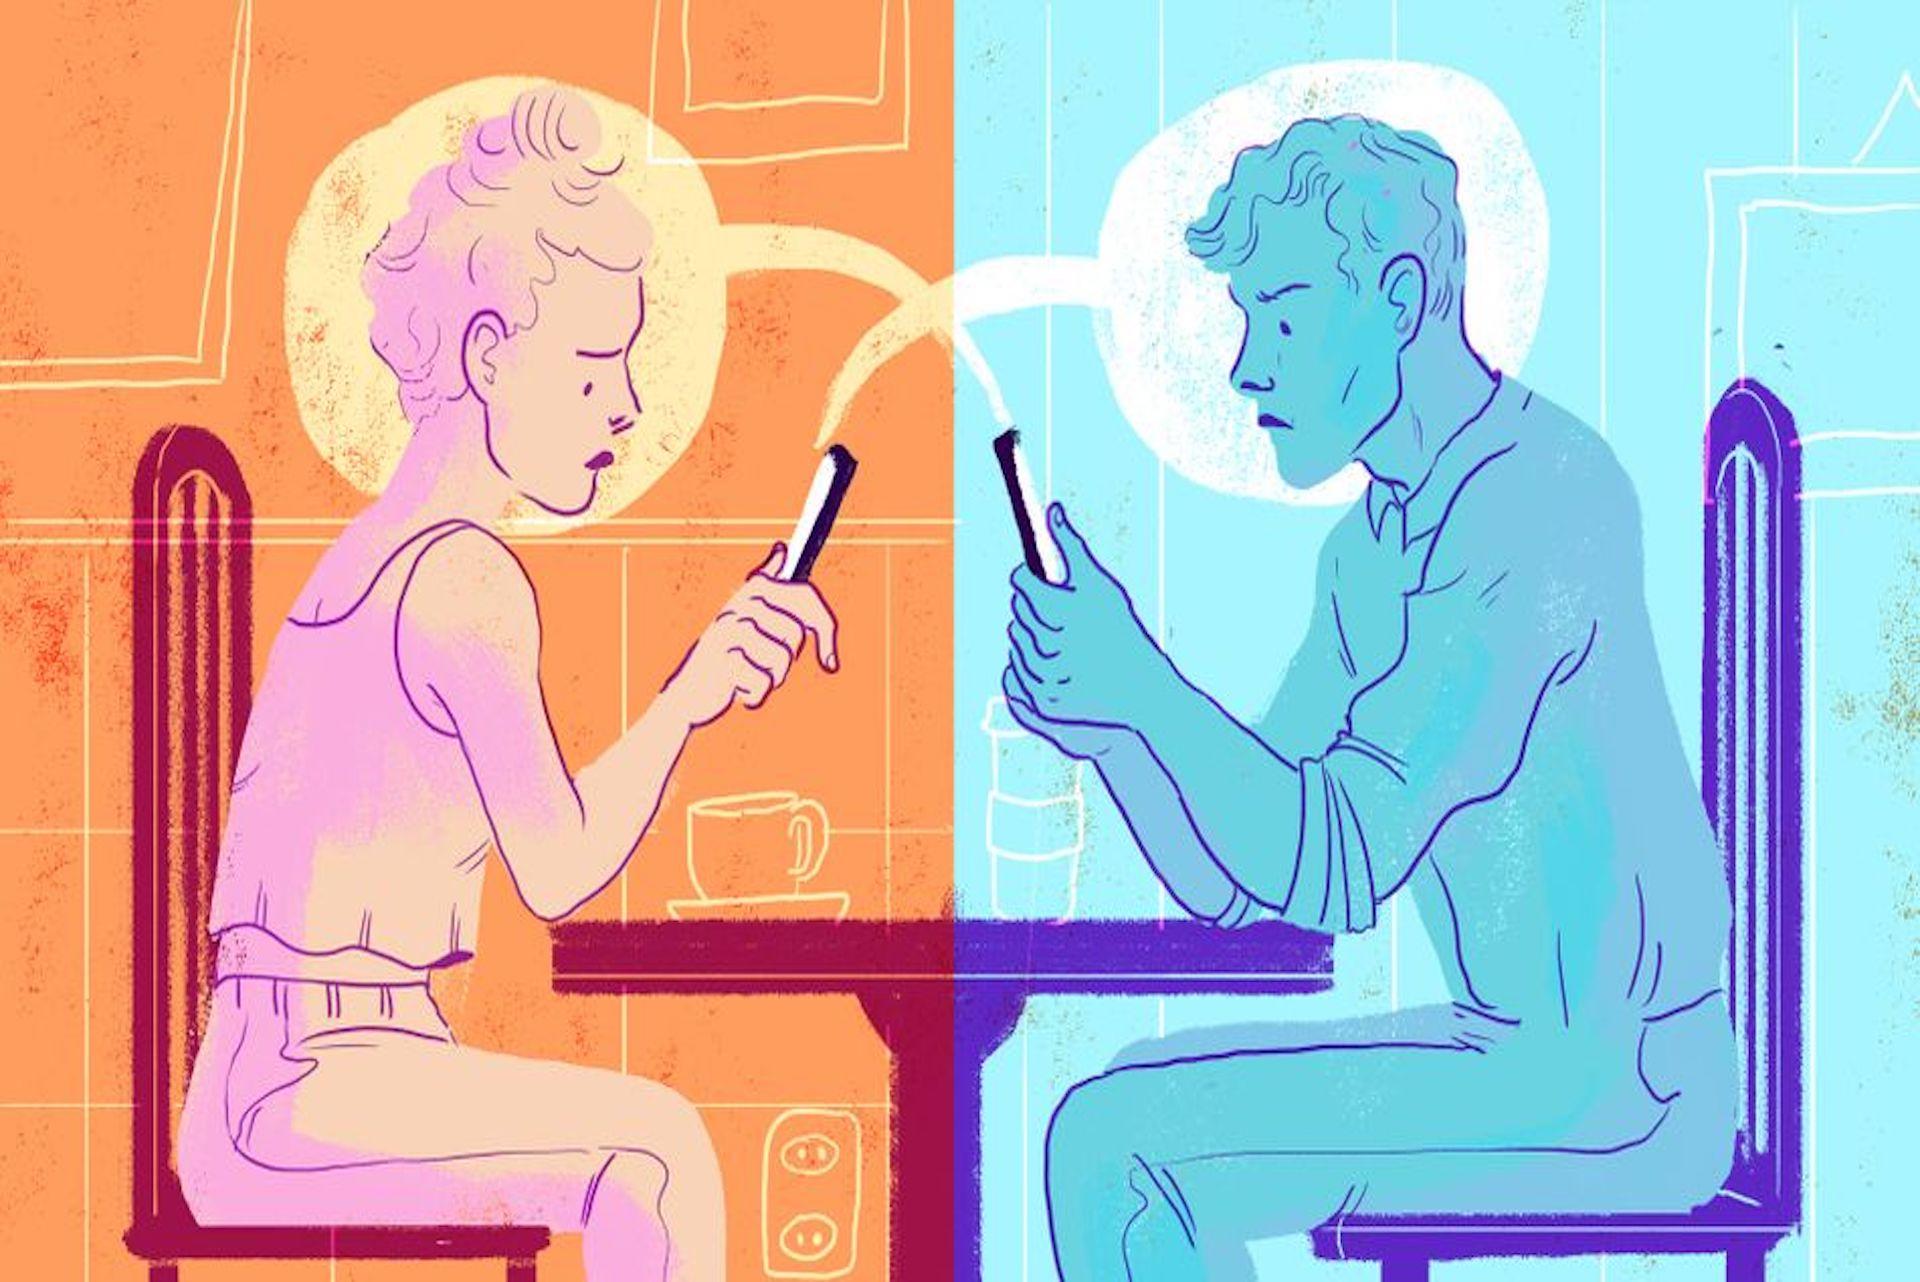 Fear of dating again : le nouveau phénomène qui empêche de renouer avec les interactions sociales physiques